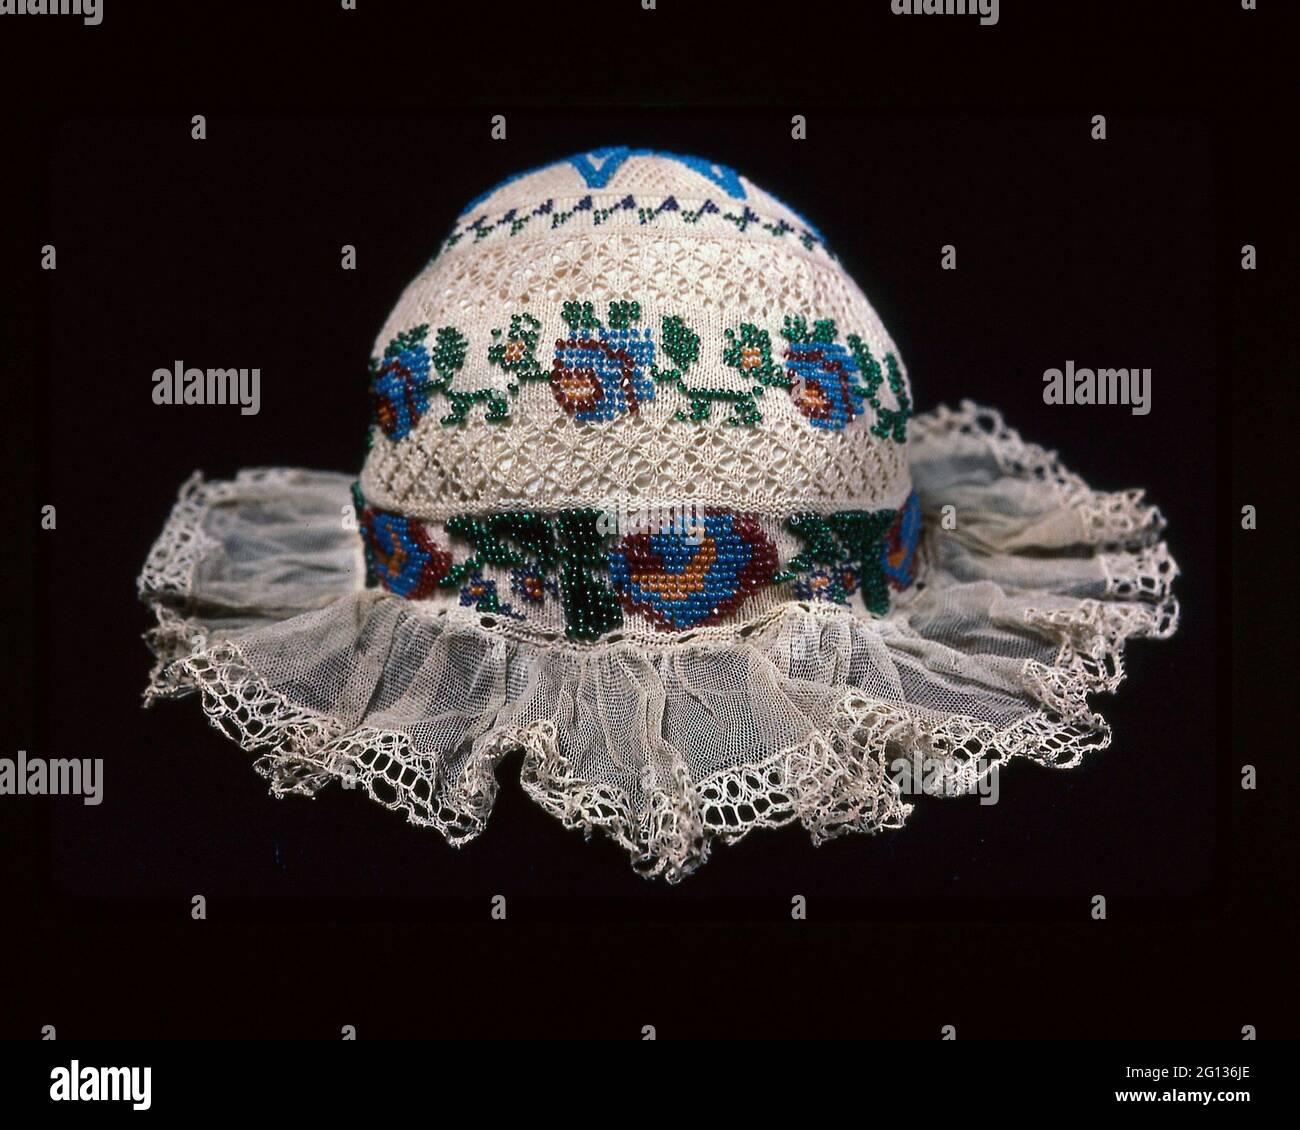 Niño - s Cap - siglo 19th - Europa. Algodón, tejido liso con encaje de bolitas de algodón; corneado con encaje de bolitas de lino; algodón, cornillas lisas; vidrio Foto de stock